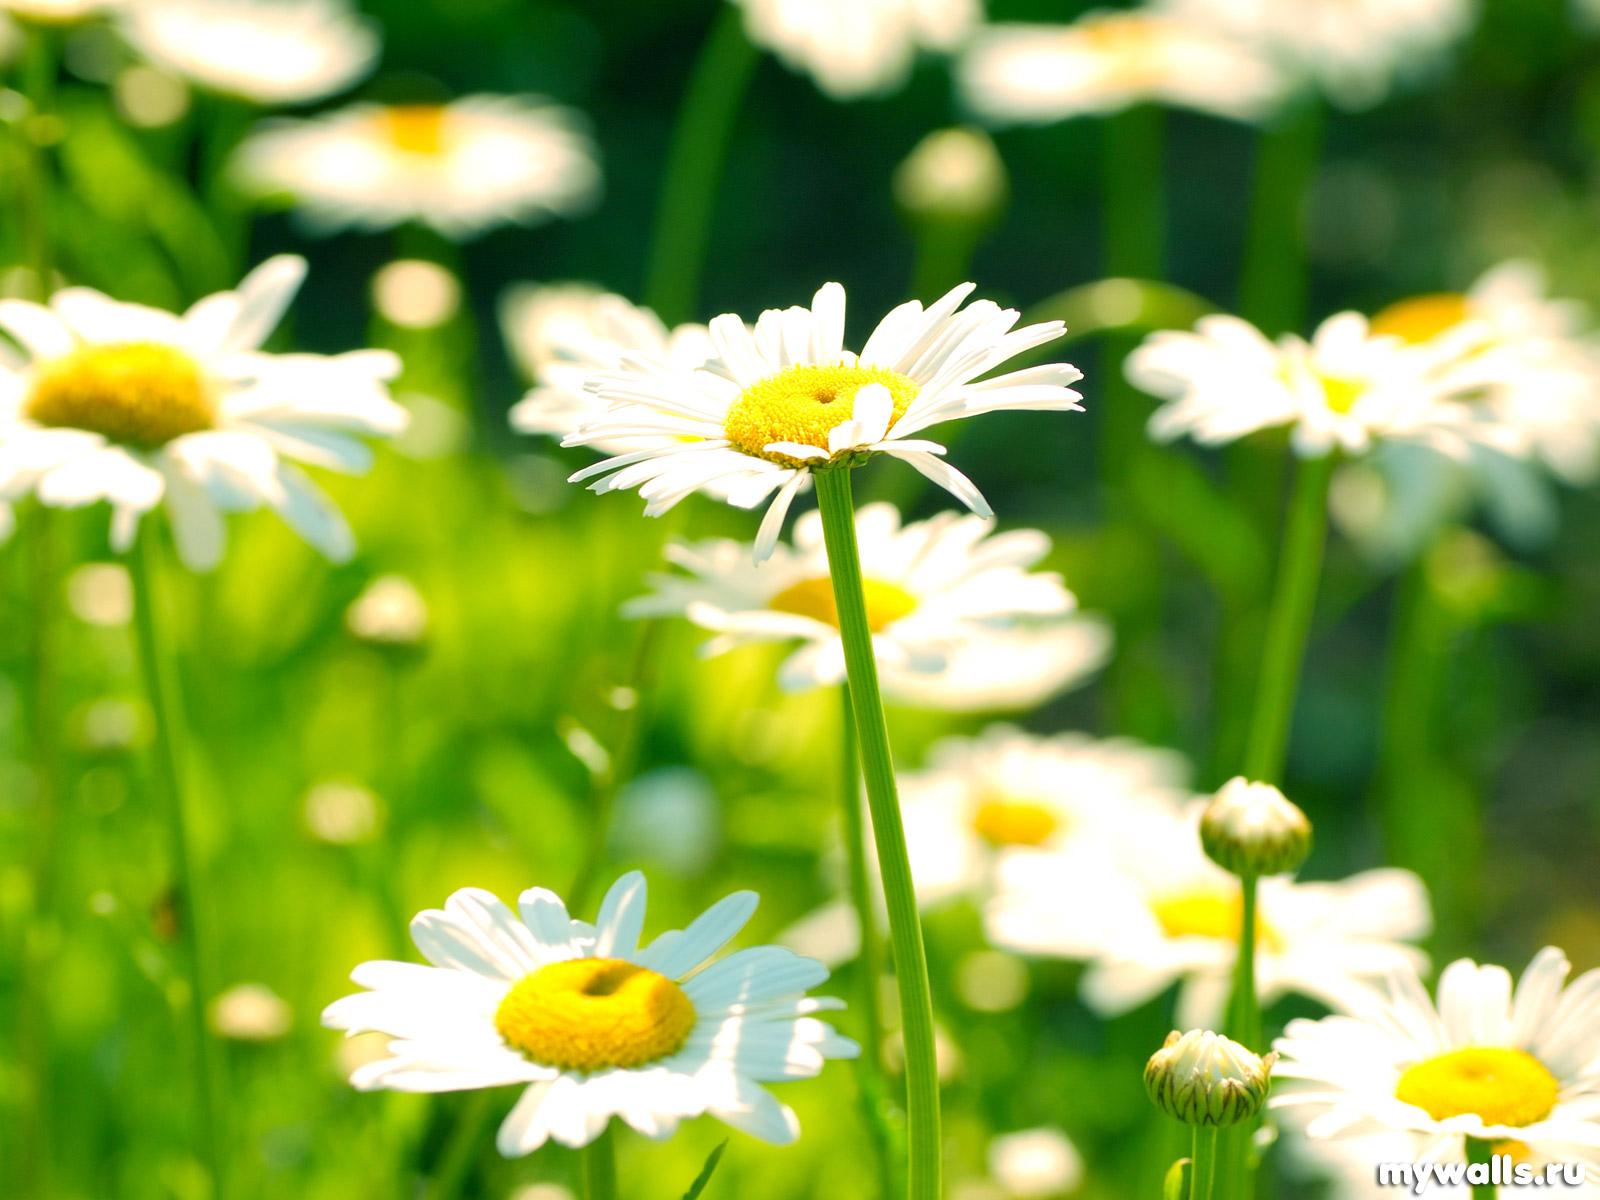 ромашки, белые цветы, скачать фото, обои для рабочего стола